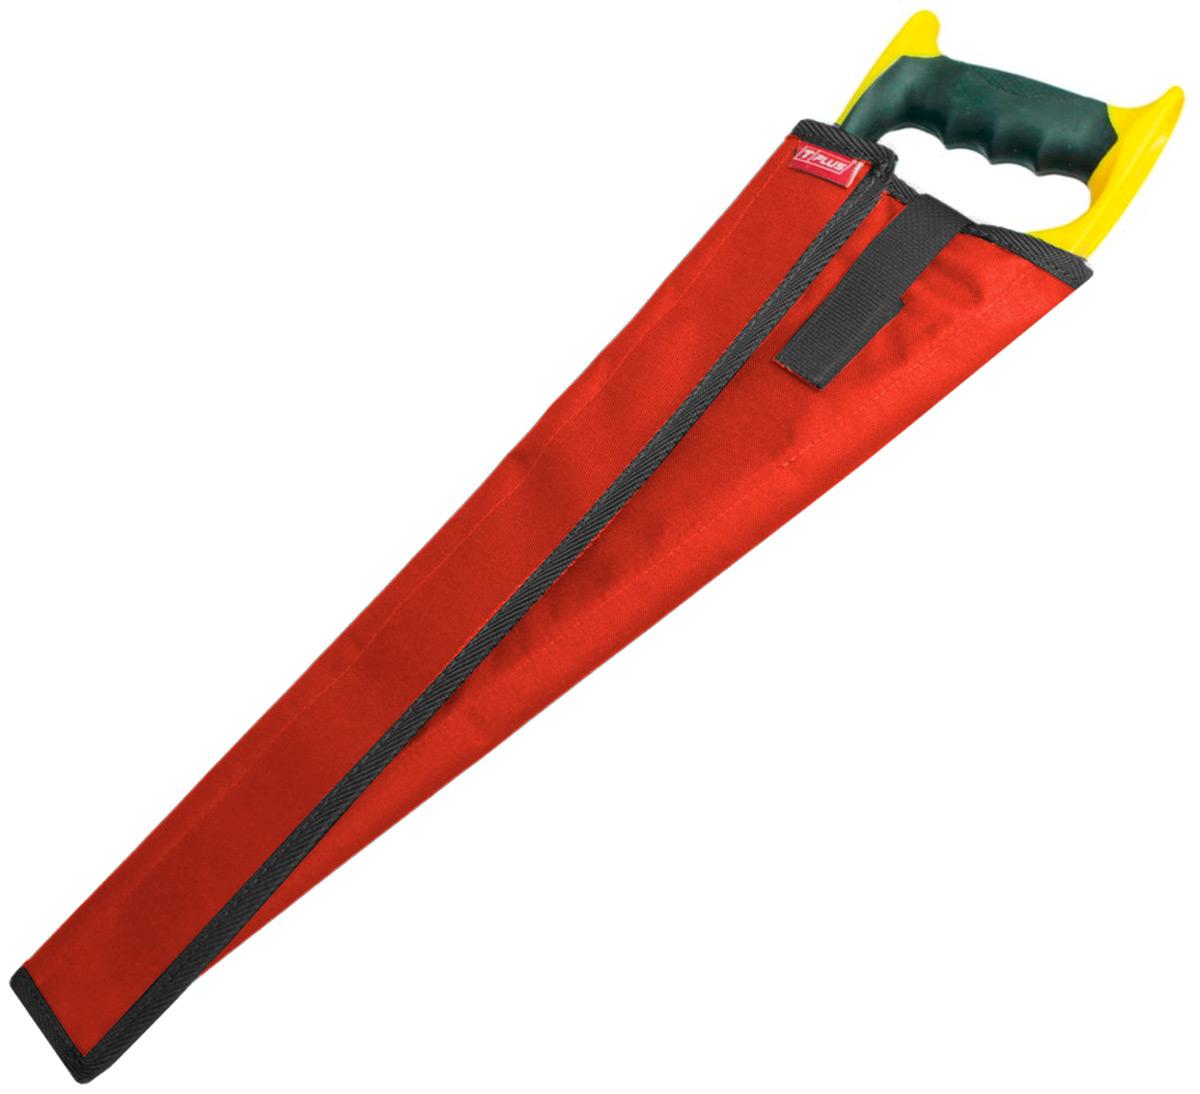 Чехол для ножовки Tplus, оксфорд 600, цвет: красный, 55 см